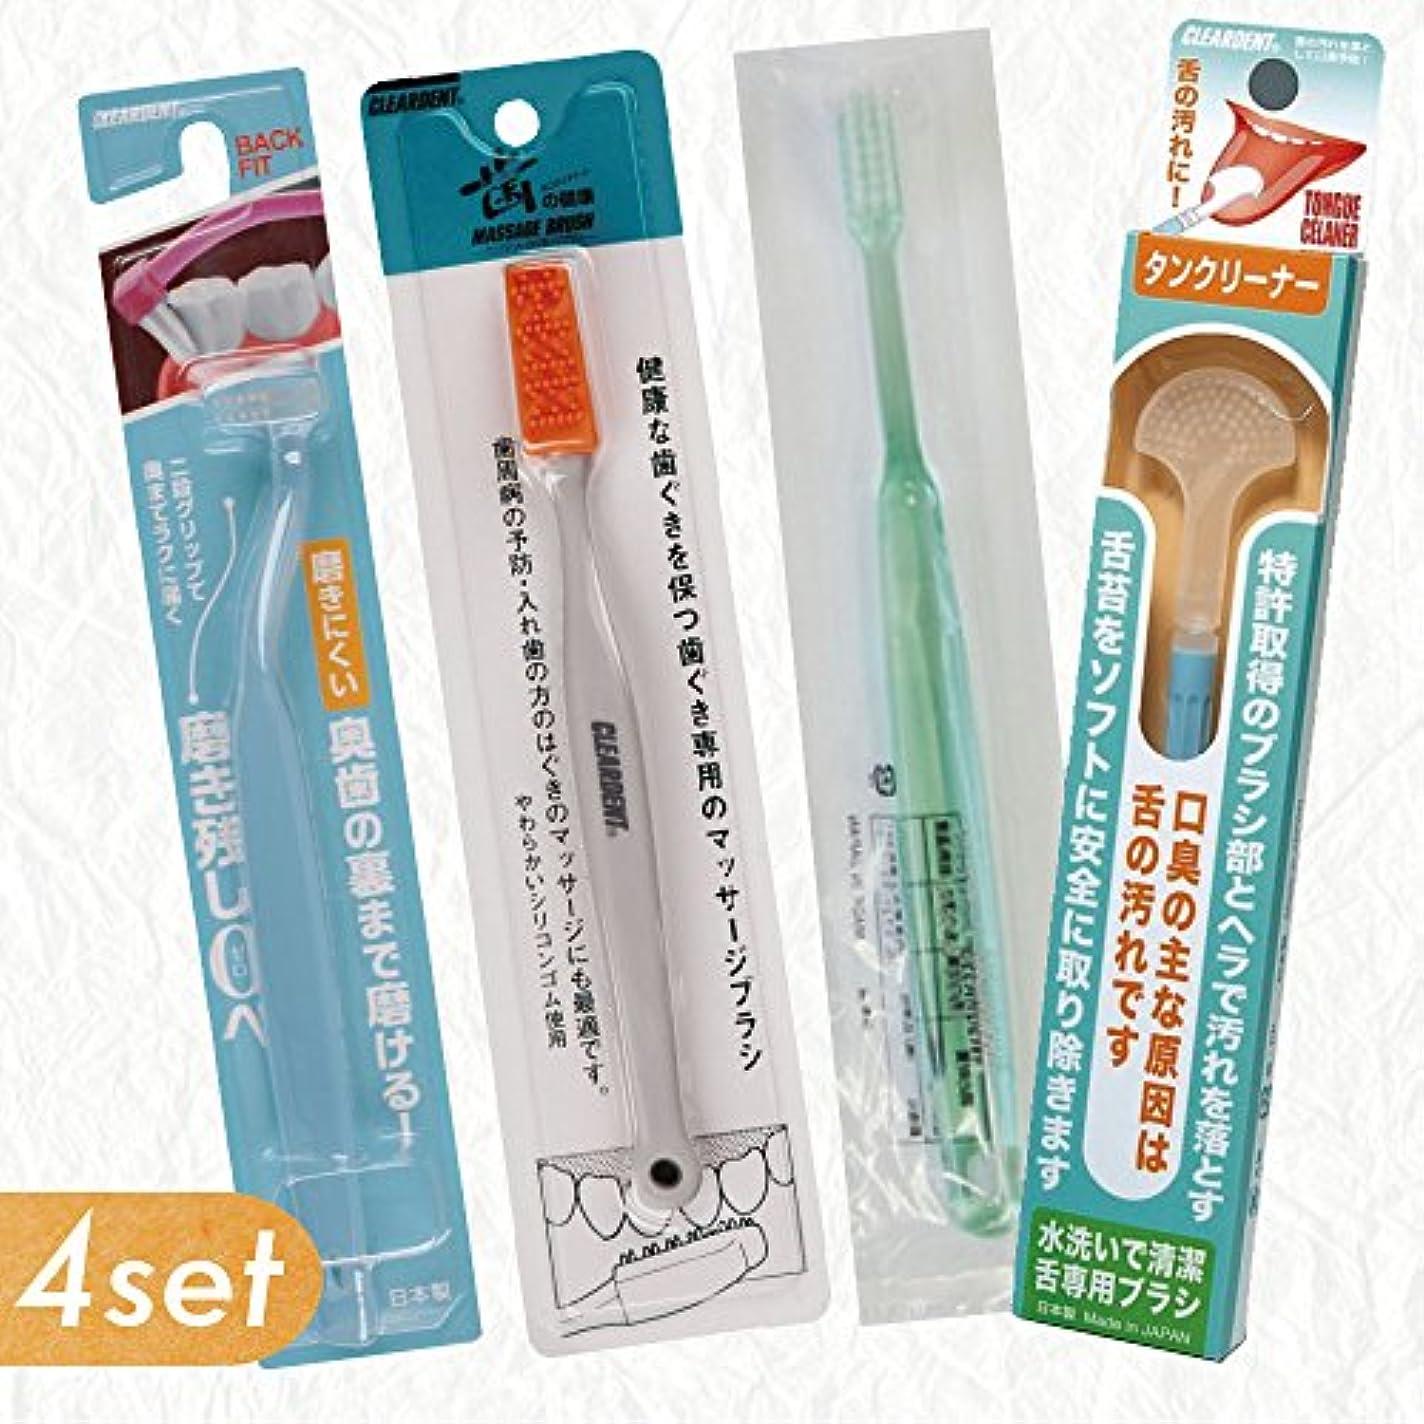 コミットメント崖アクセシブル【CLEARDENT】(4点セット)はぐきマッサージブラシ+タンクリーナー+バックフィット+歯ブラシ各1本(色は指定できません。)